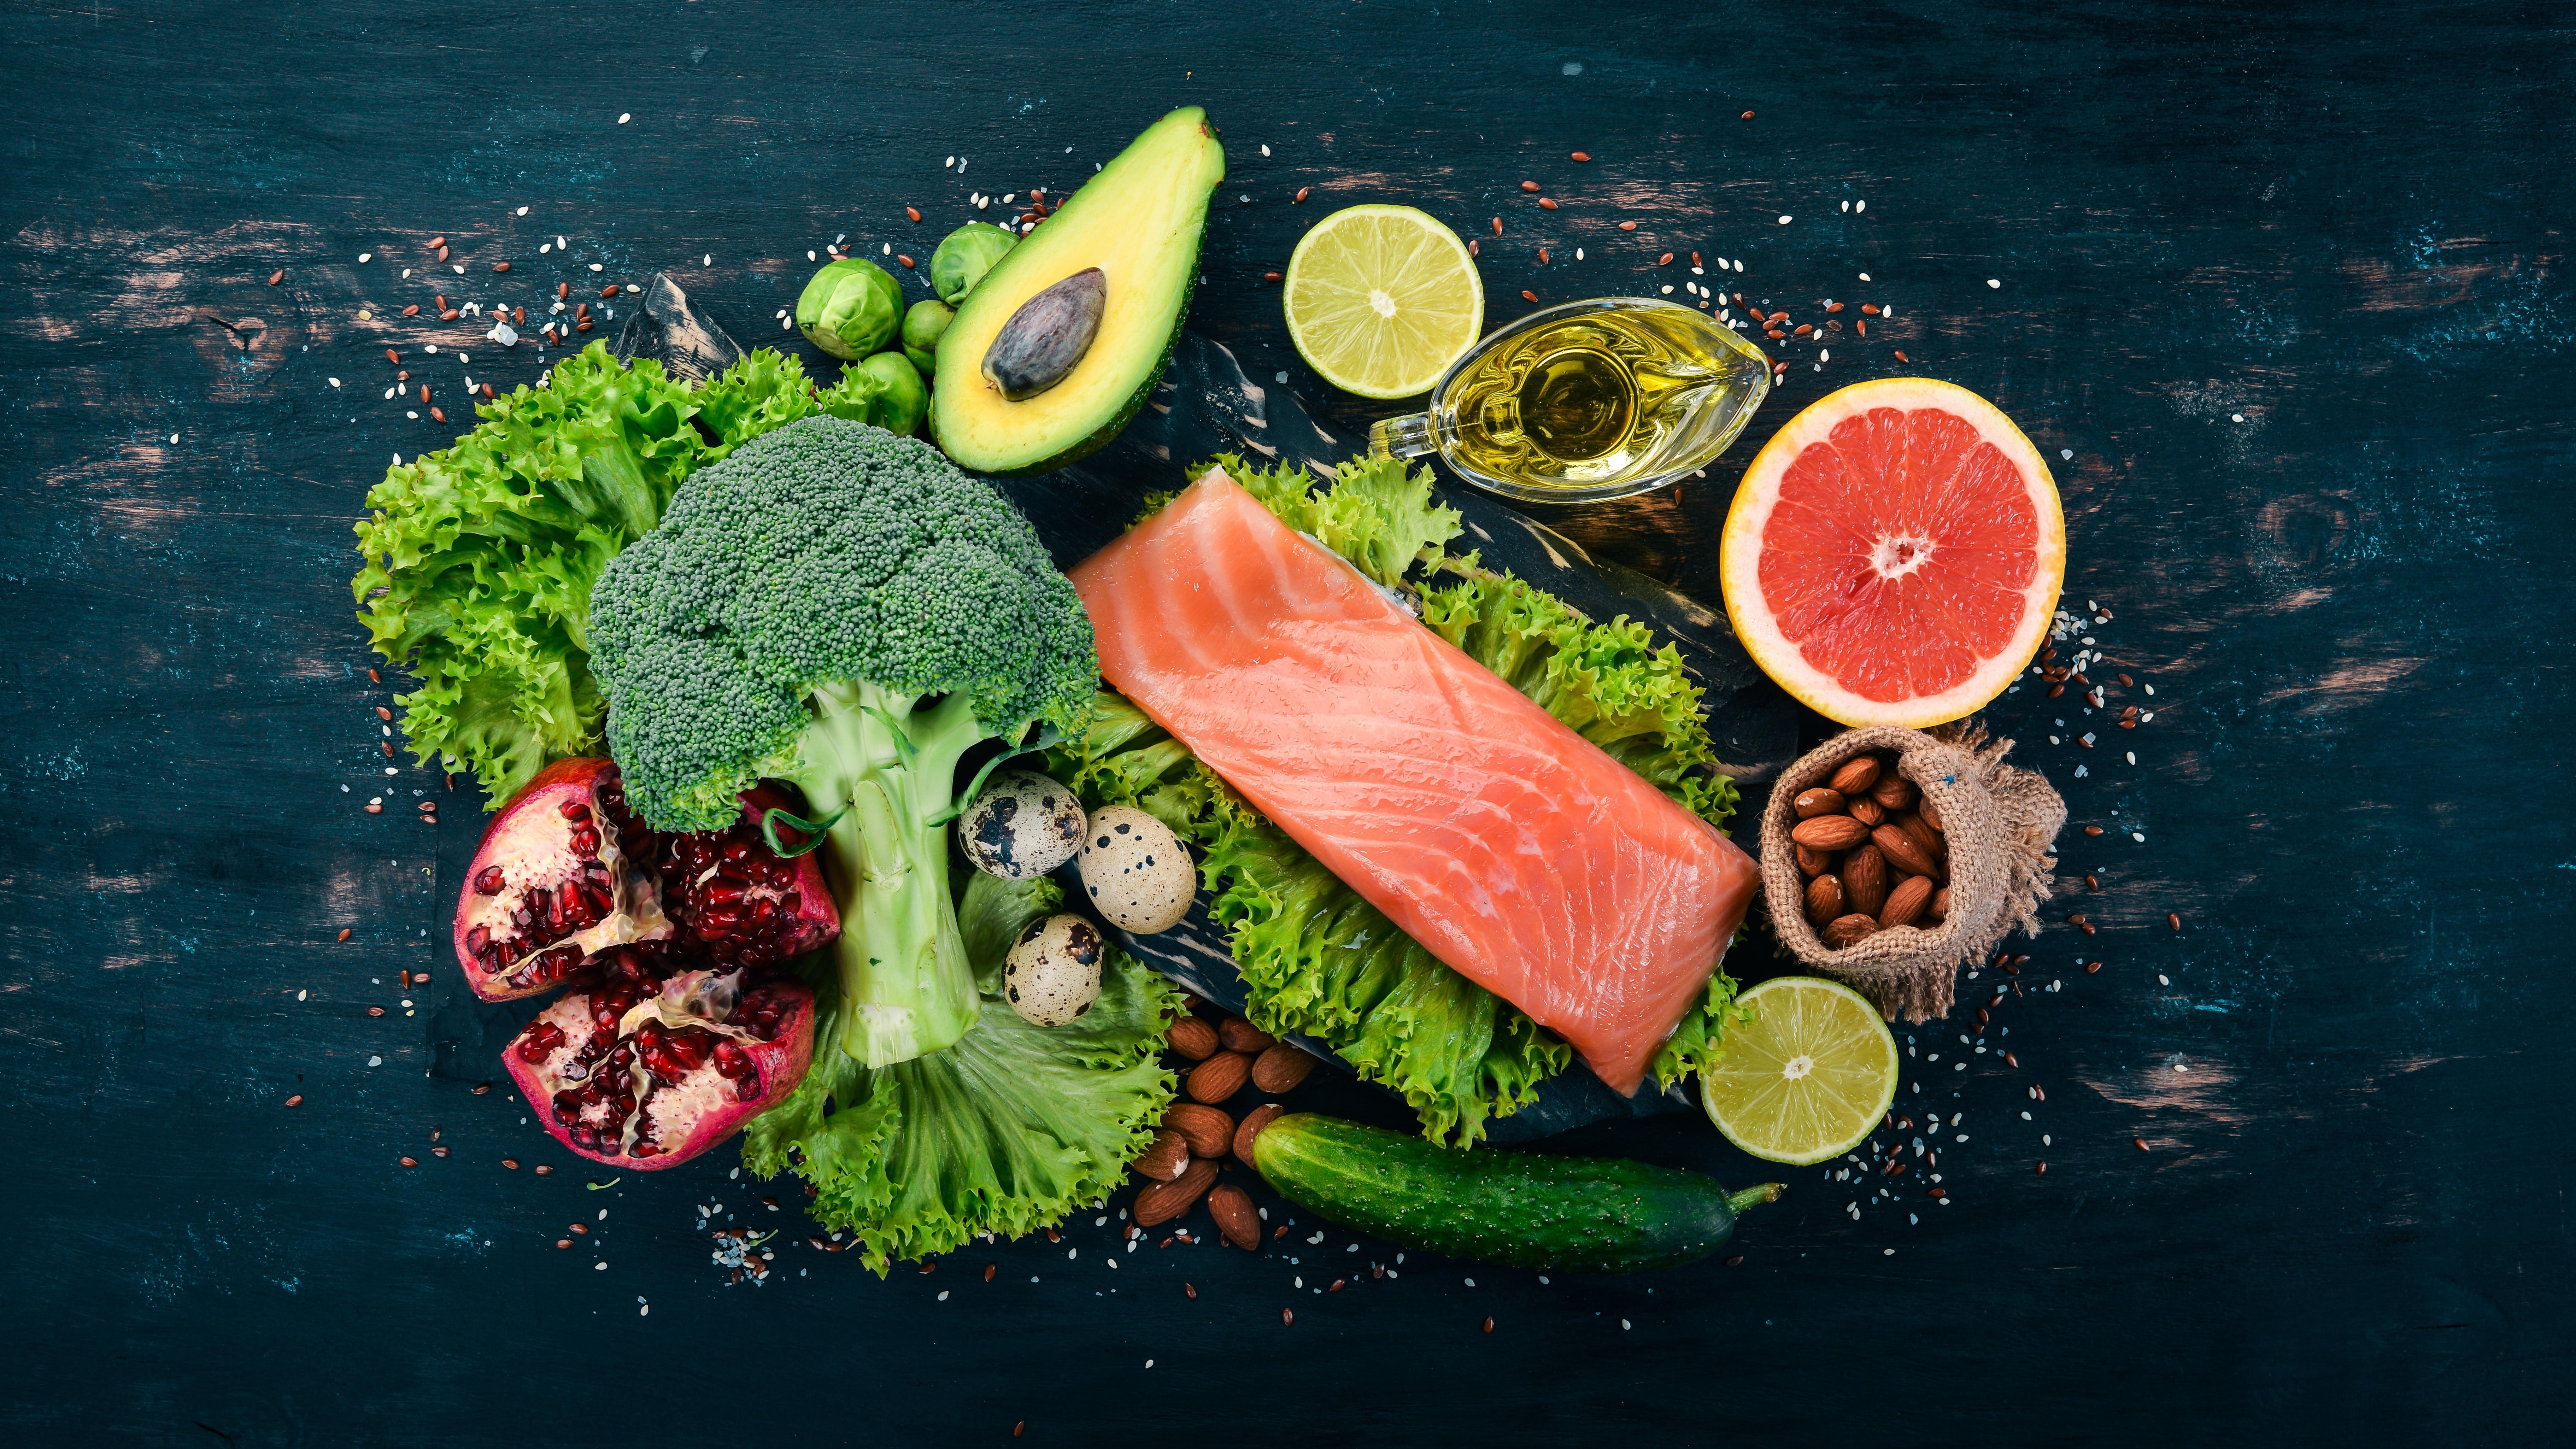 Hortaliça Peixes - Alimentos Salmão comida Alimentos